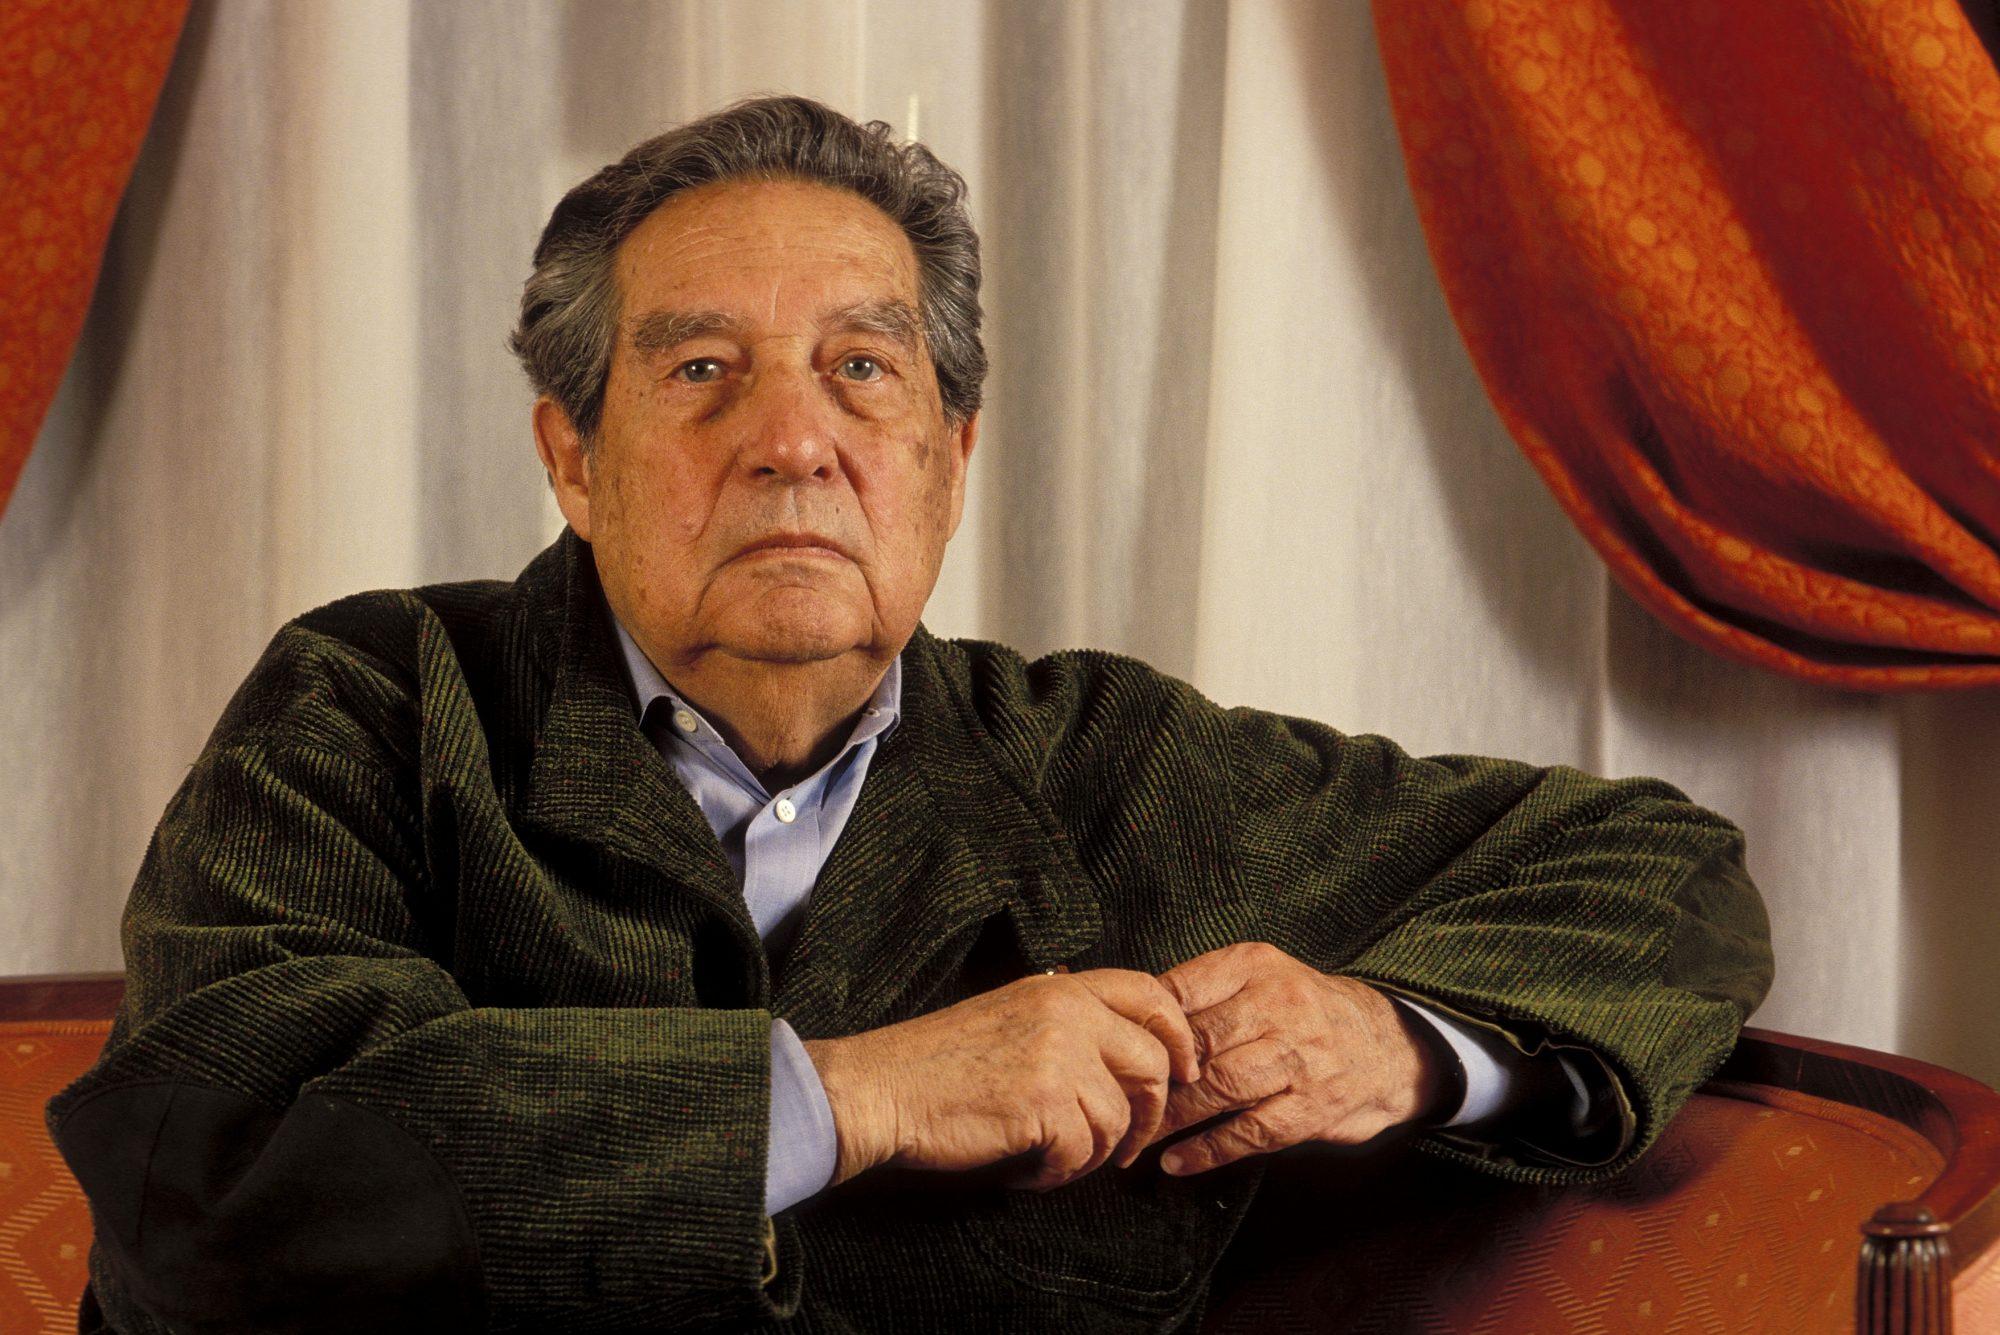 Para los mexicanos, Octavio Paz continúa siendo motivo de orgullo. Además de ser considerado como uno de los grandes poetas del siglo pasado, también hace parte del selecto grupo de latinos que ha recibido un Premio Nobel de Literatura. El laberinto de la soledad es su obra más aclamada y su temática exalta diferentes rasgos de la cultura méxicana.